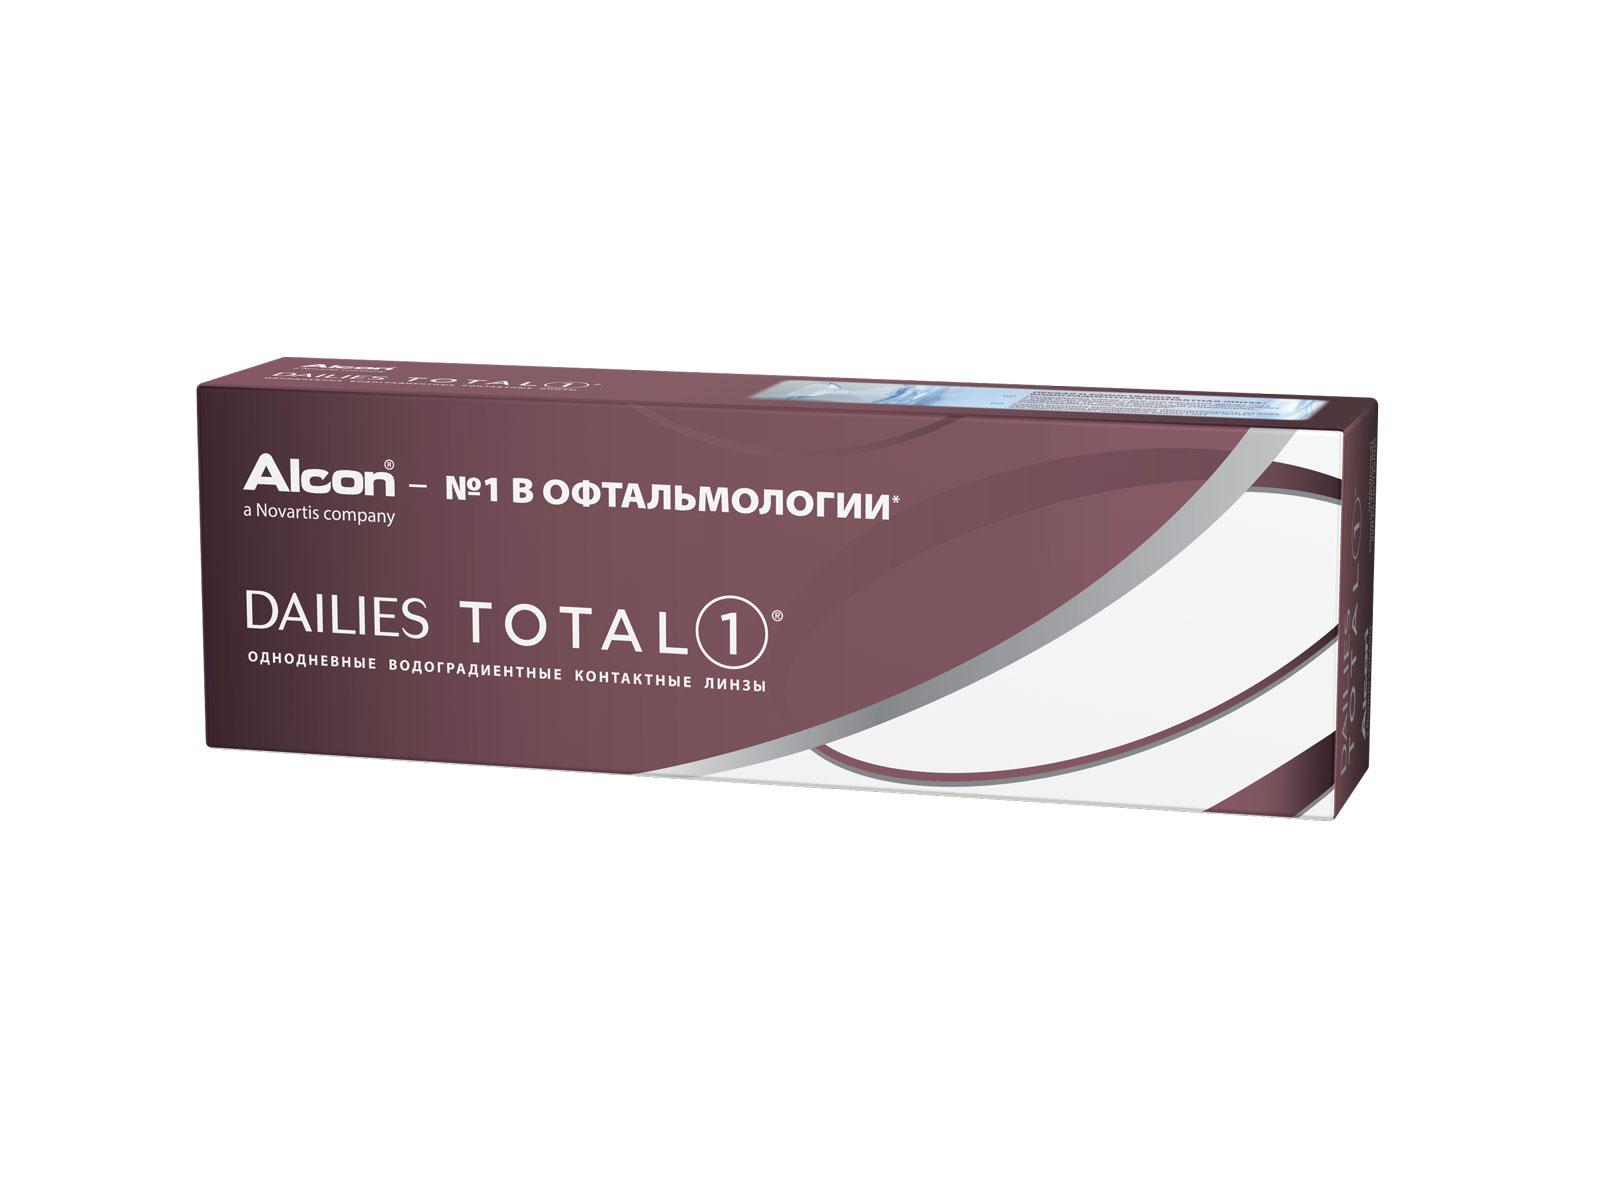 Alcon контактные линзы Dailies Total 1 30pk /-7.00 / 8.5 / 14.1100041934Dailies Total 1 – линзы, которые не чувствуешь с утра и до поздного вечера. Эти однодневные контактные линзы выполнены из уникального водоградиентного материала, багодаря которому натуральная слеза – это все, что касается ваших глаз. Почти 100% влаги на поверхности обеспечивают непревзойденный комфорт до 16 часов ношения.